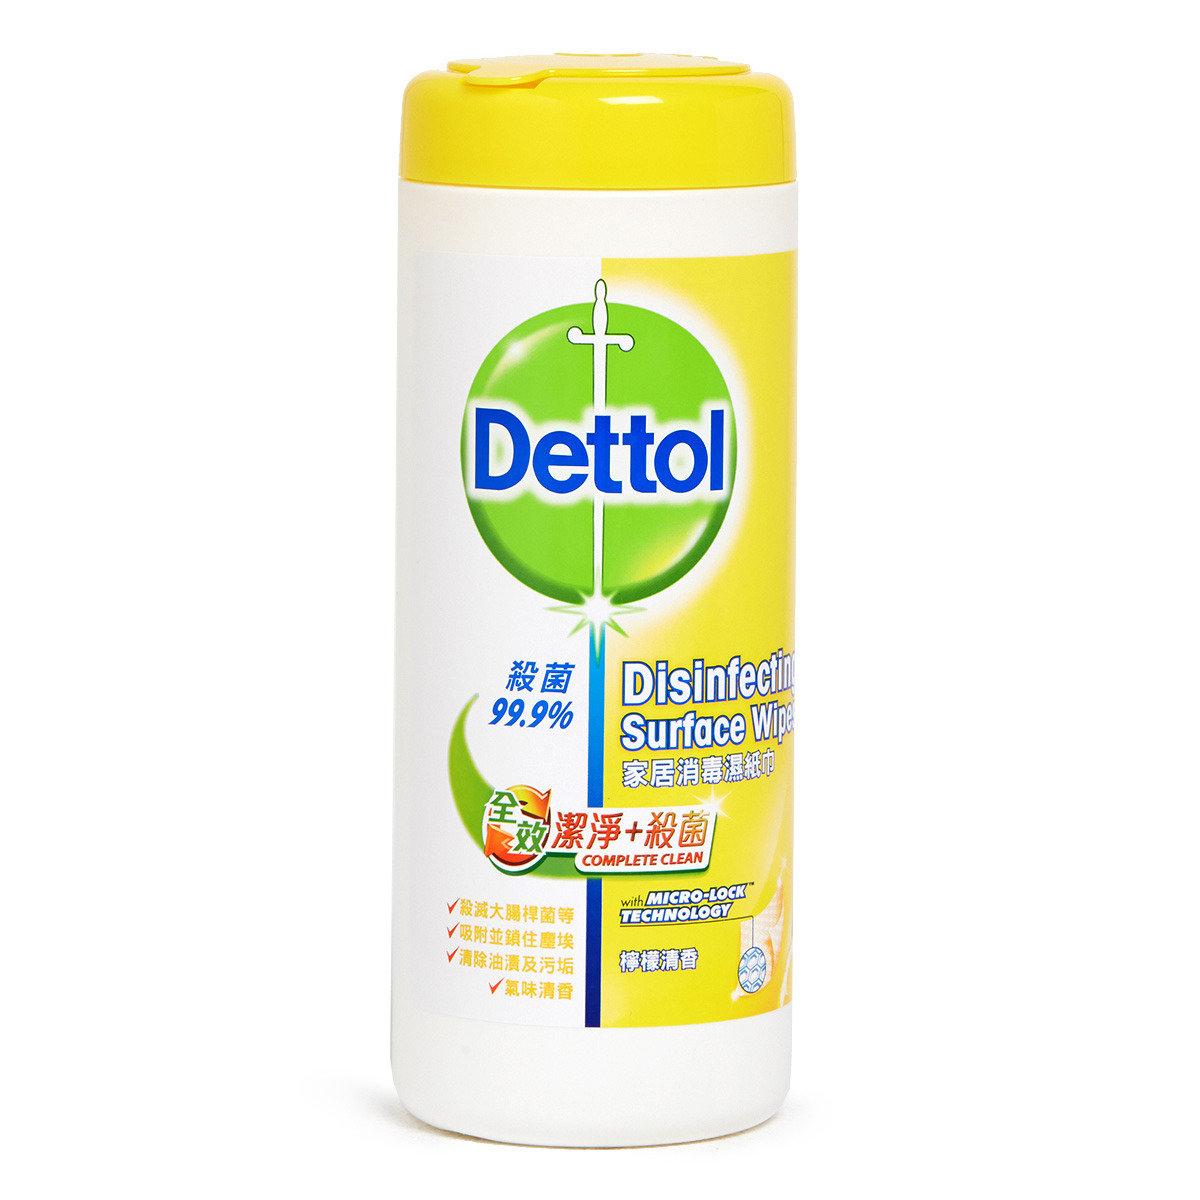 家居消毒濕紙巾 (檸檬清香)